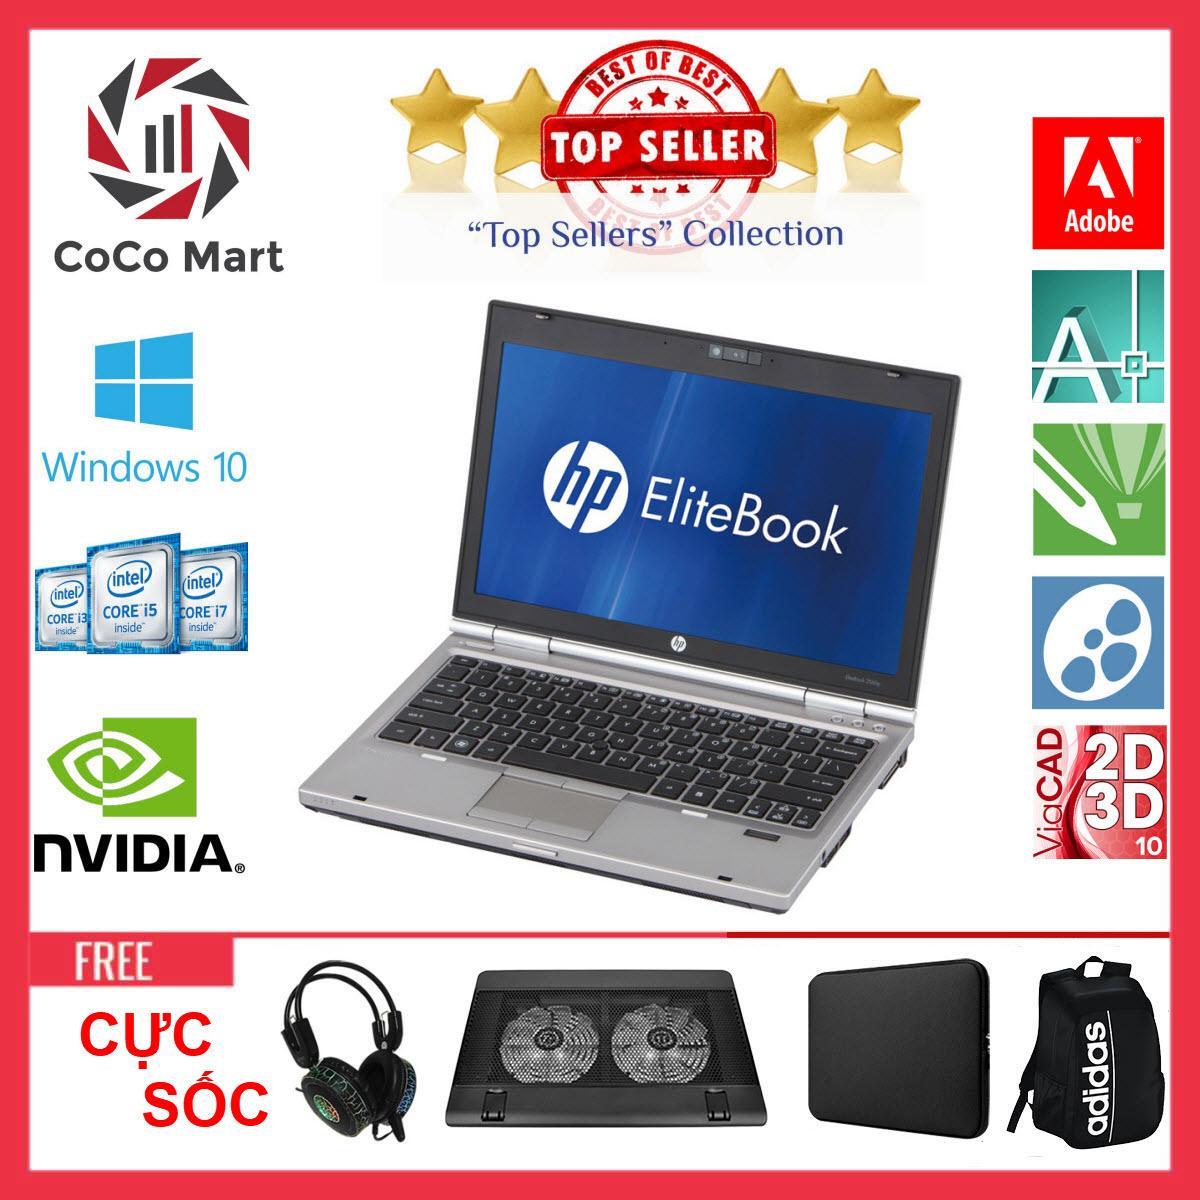 Laptop HP EliteBook 2560p Chạy CPU i7-2620M, 12.5inch, 16GB, SSD 120GB + Bộ Quà Tặng - Hàng Nhập Khẩu